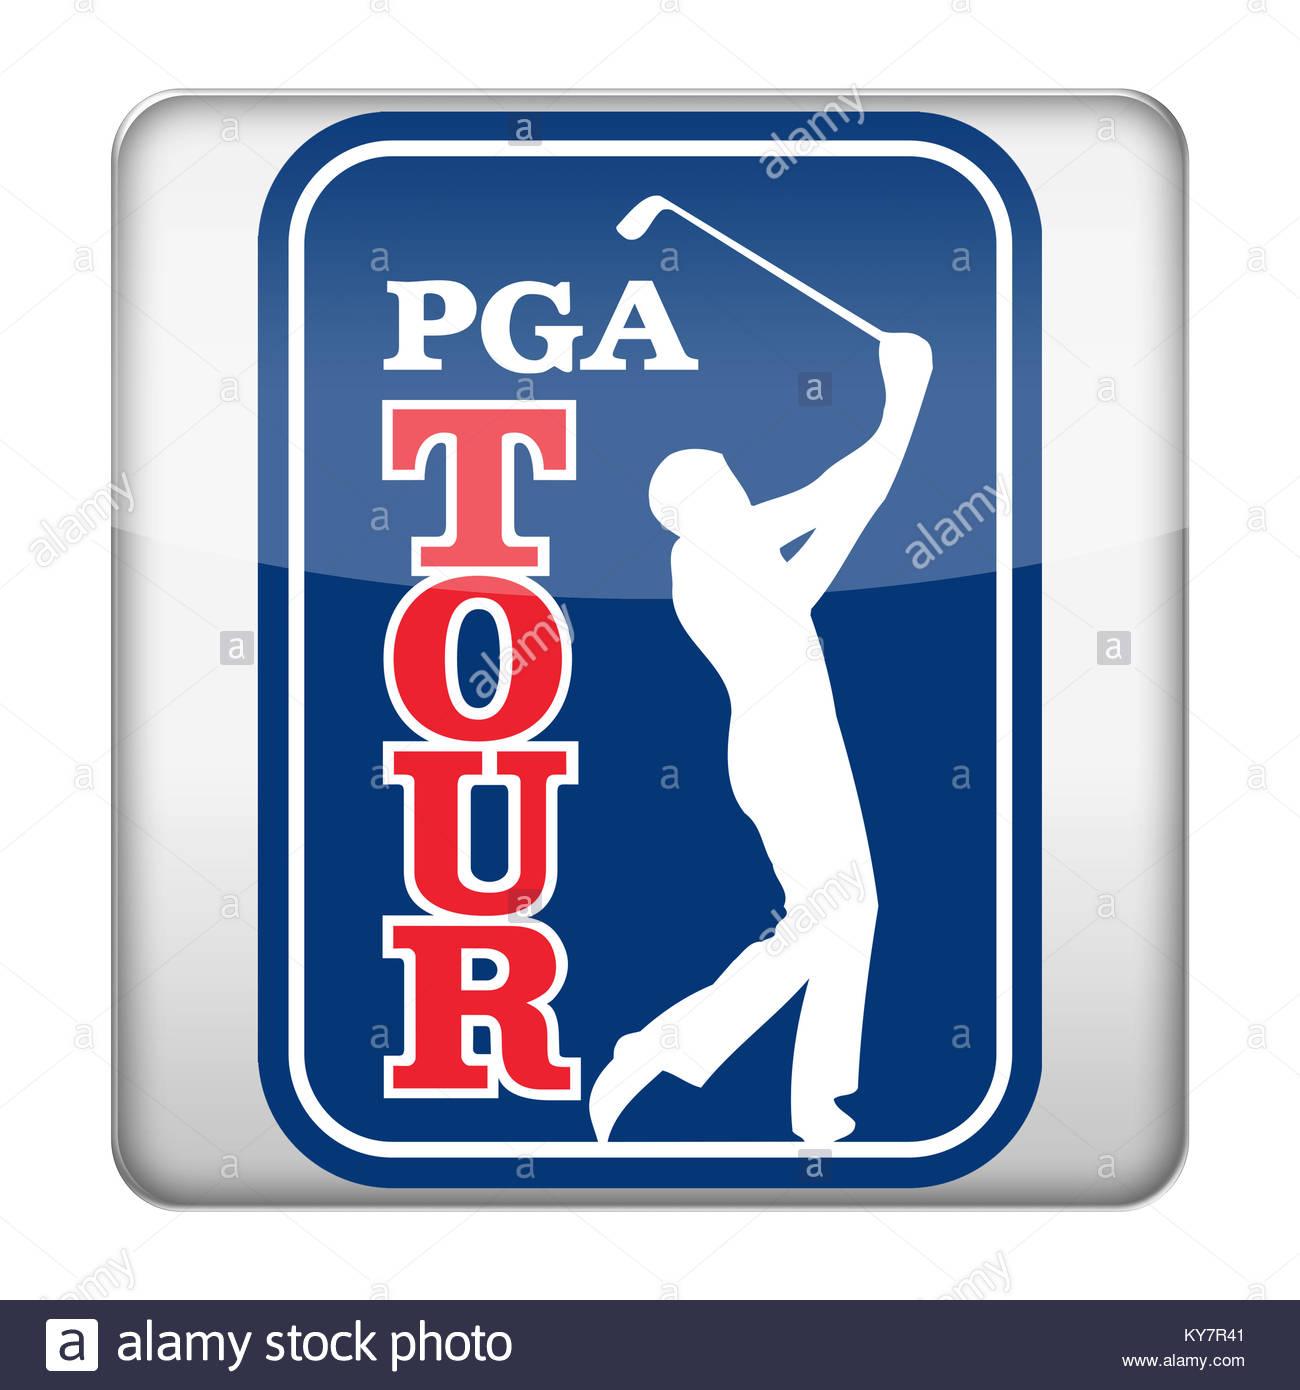 PGA Tour Golf icon logo - Stock Image